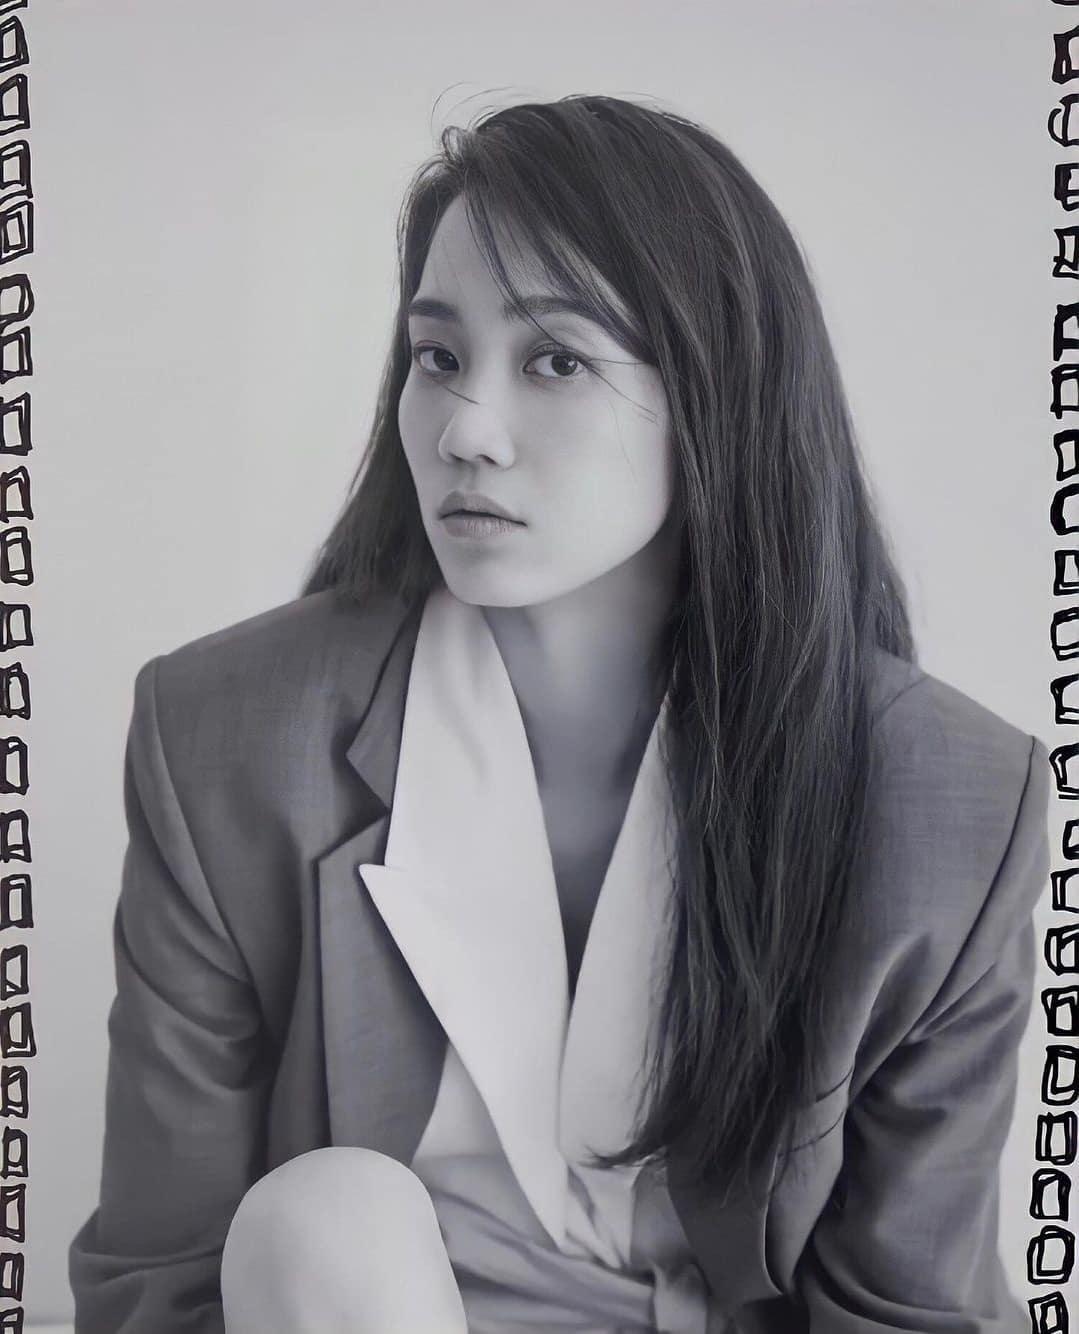 nhan sắc của nữ chính Chaebol Family's Youngest Son